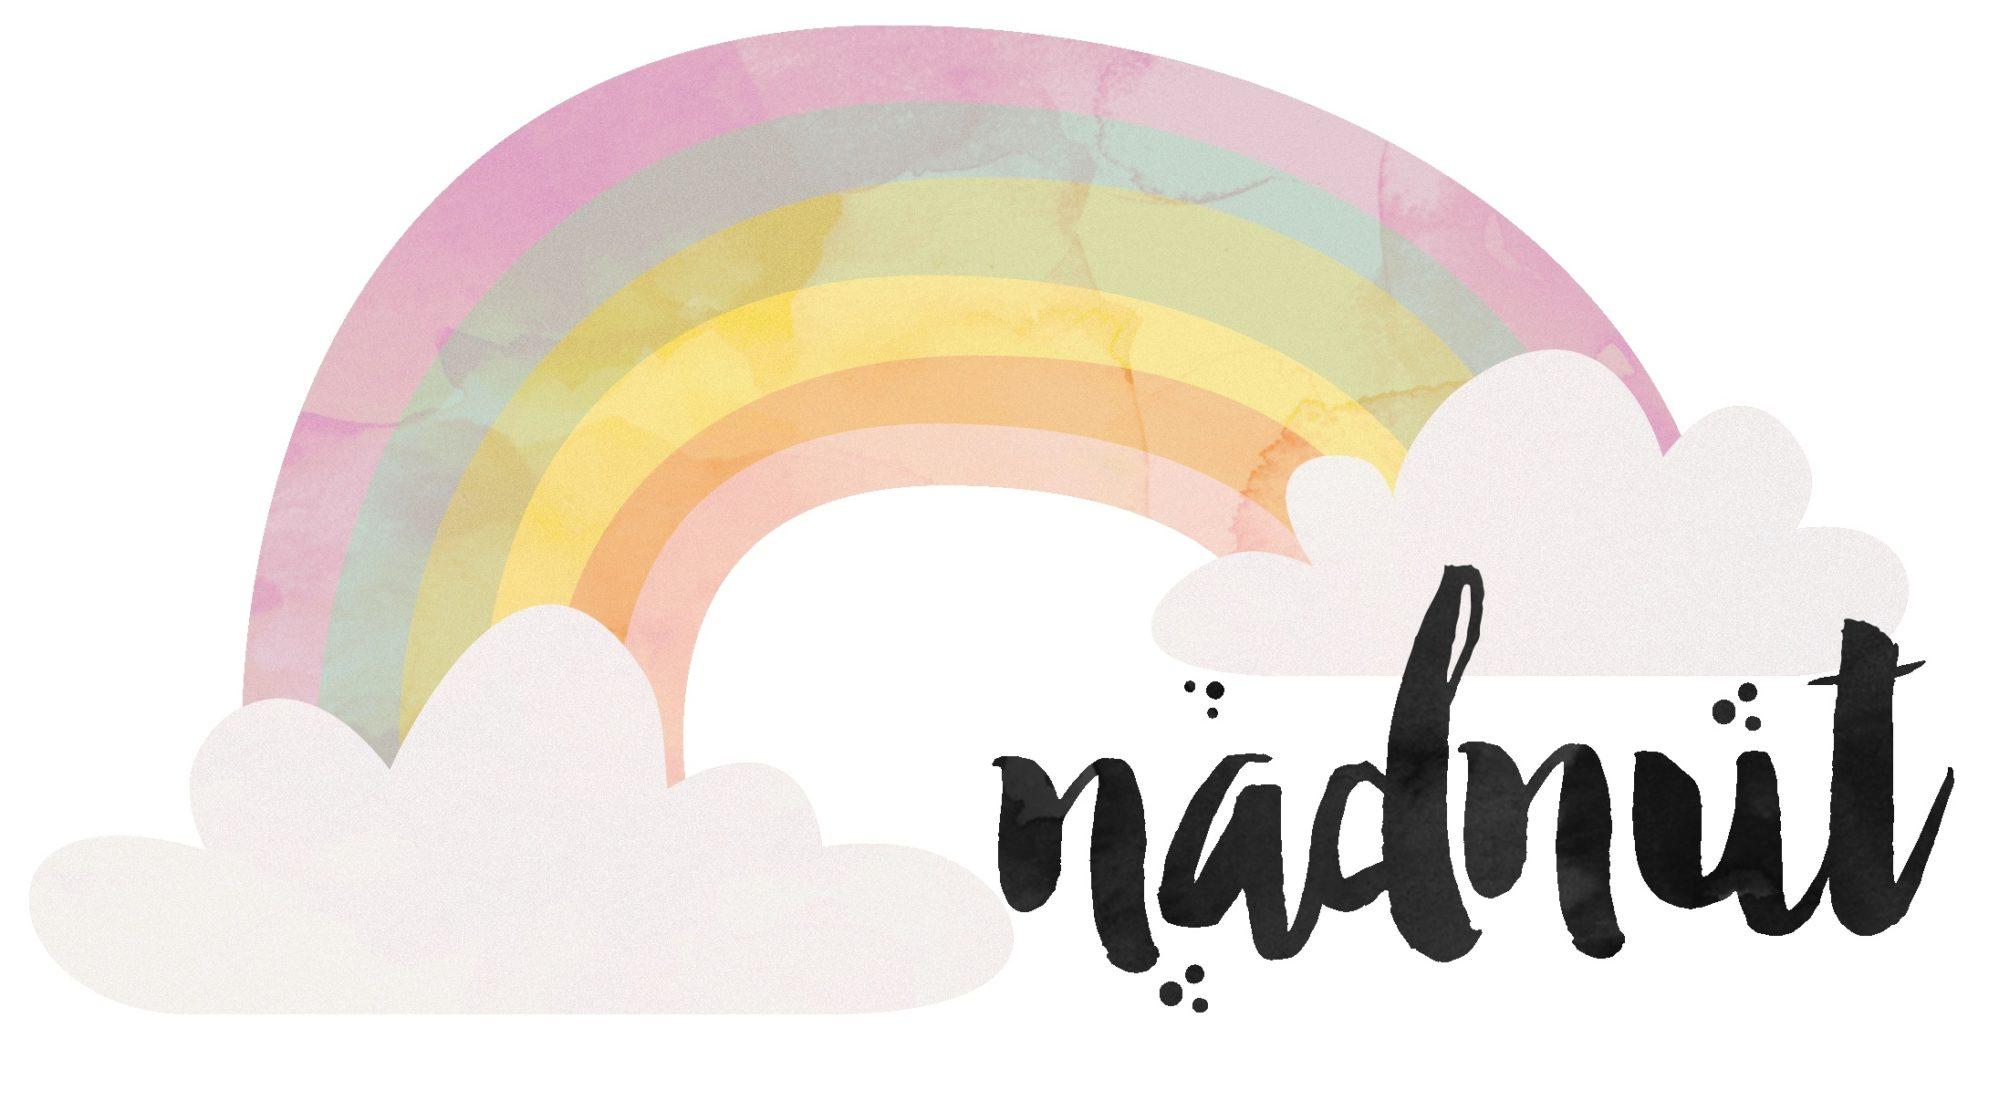 NADNUT.com – Singapore Parenting and Lifestyle Blog